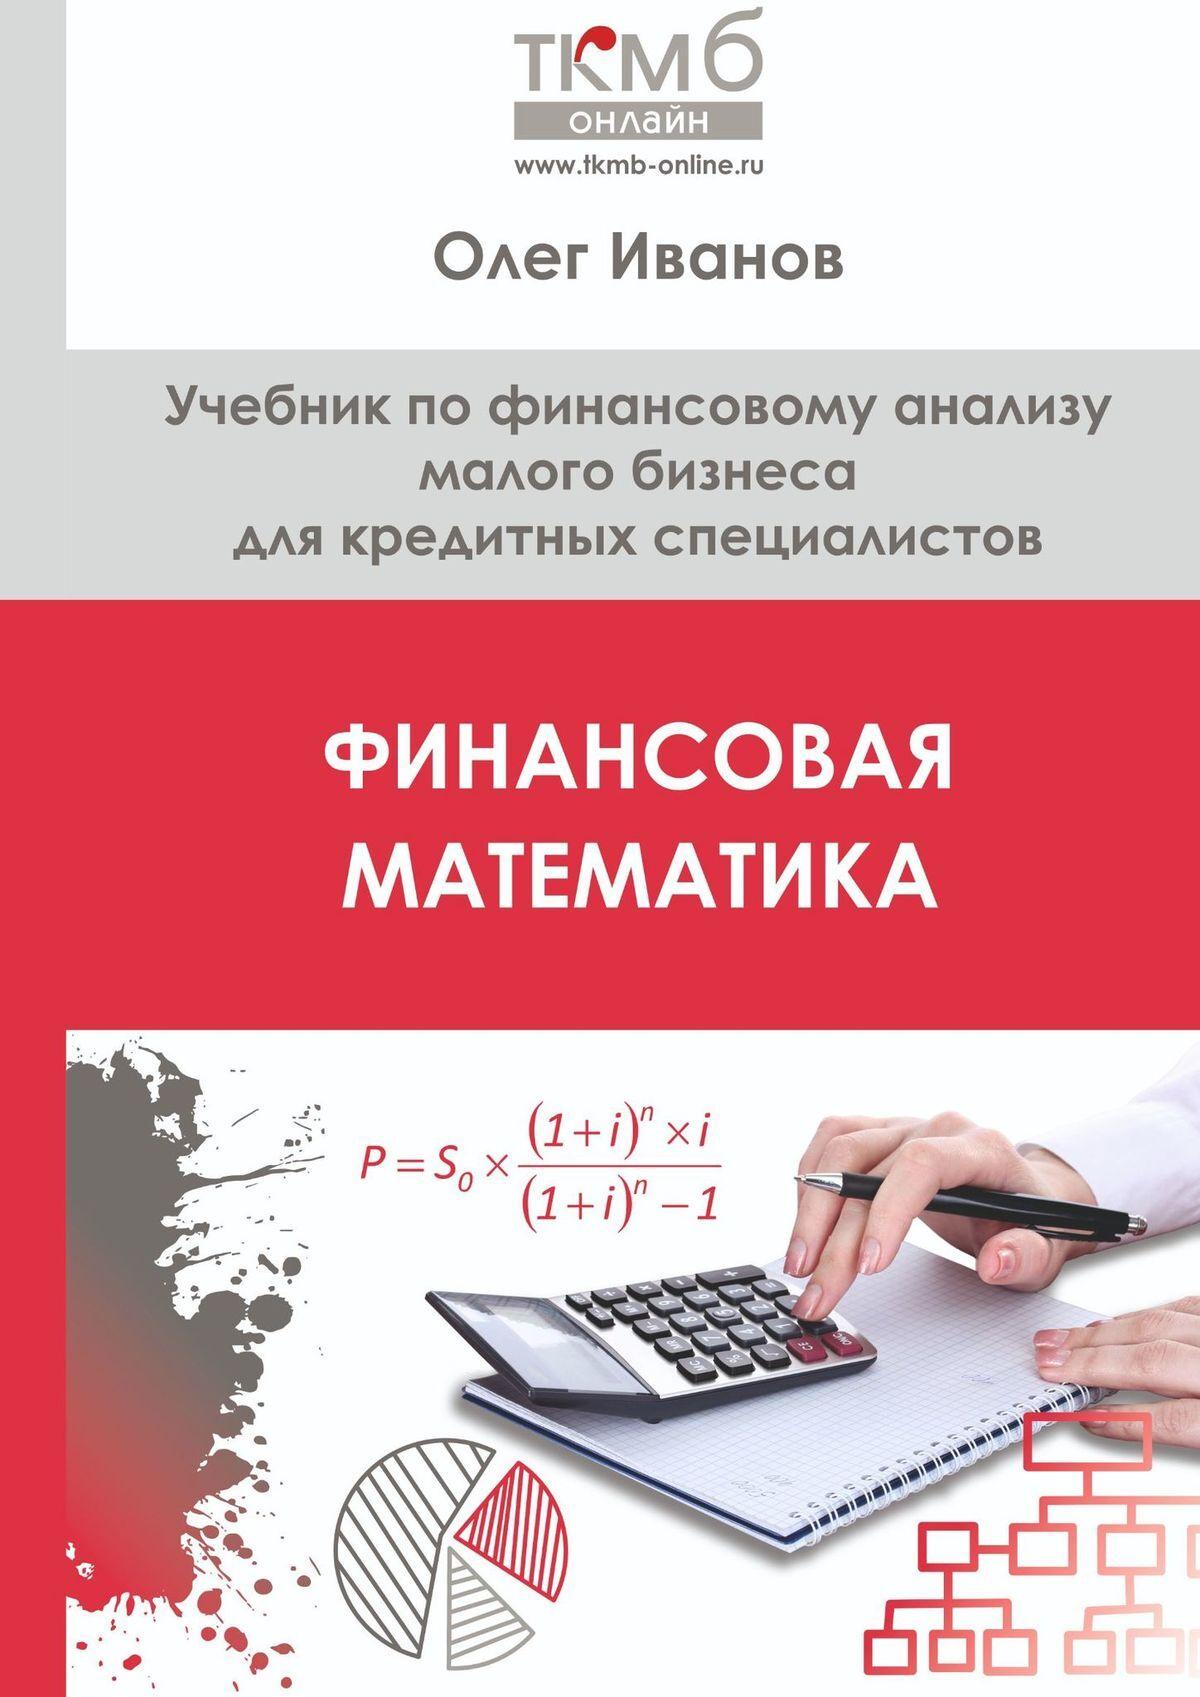 Финансовая математика. Учебник по финансовому анализу малого бизнеса для кредитных специалистов